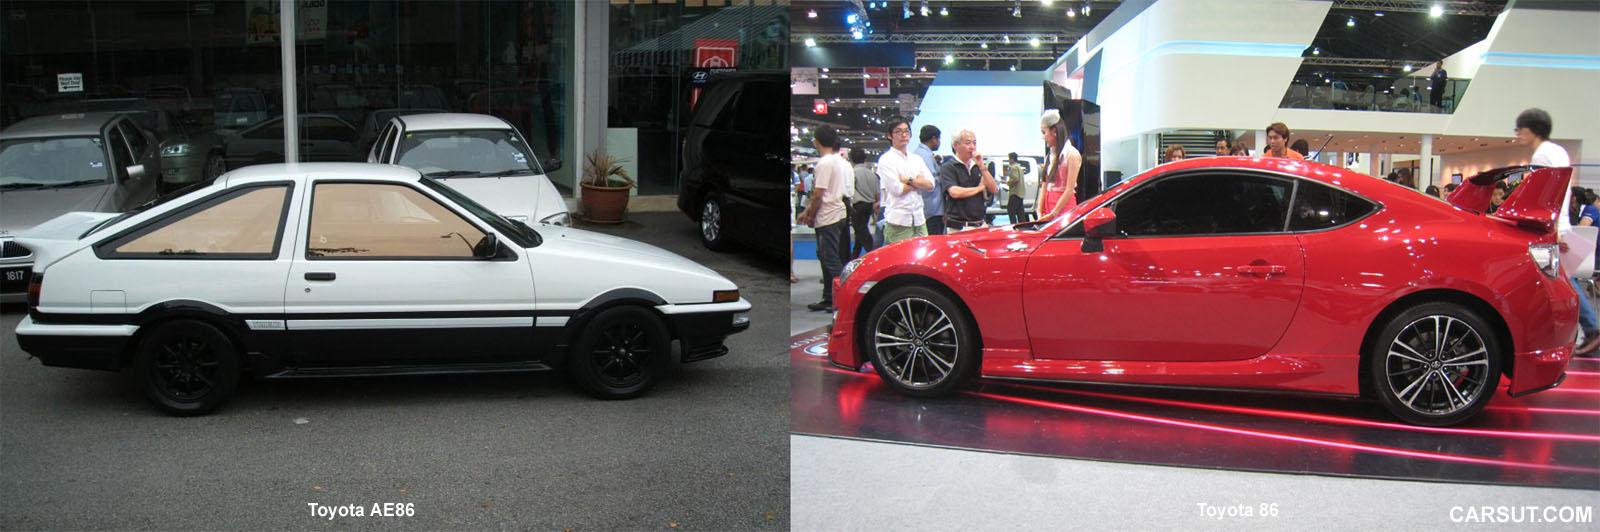 Toyota AE86 and Toyota 86